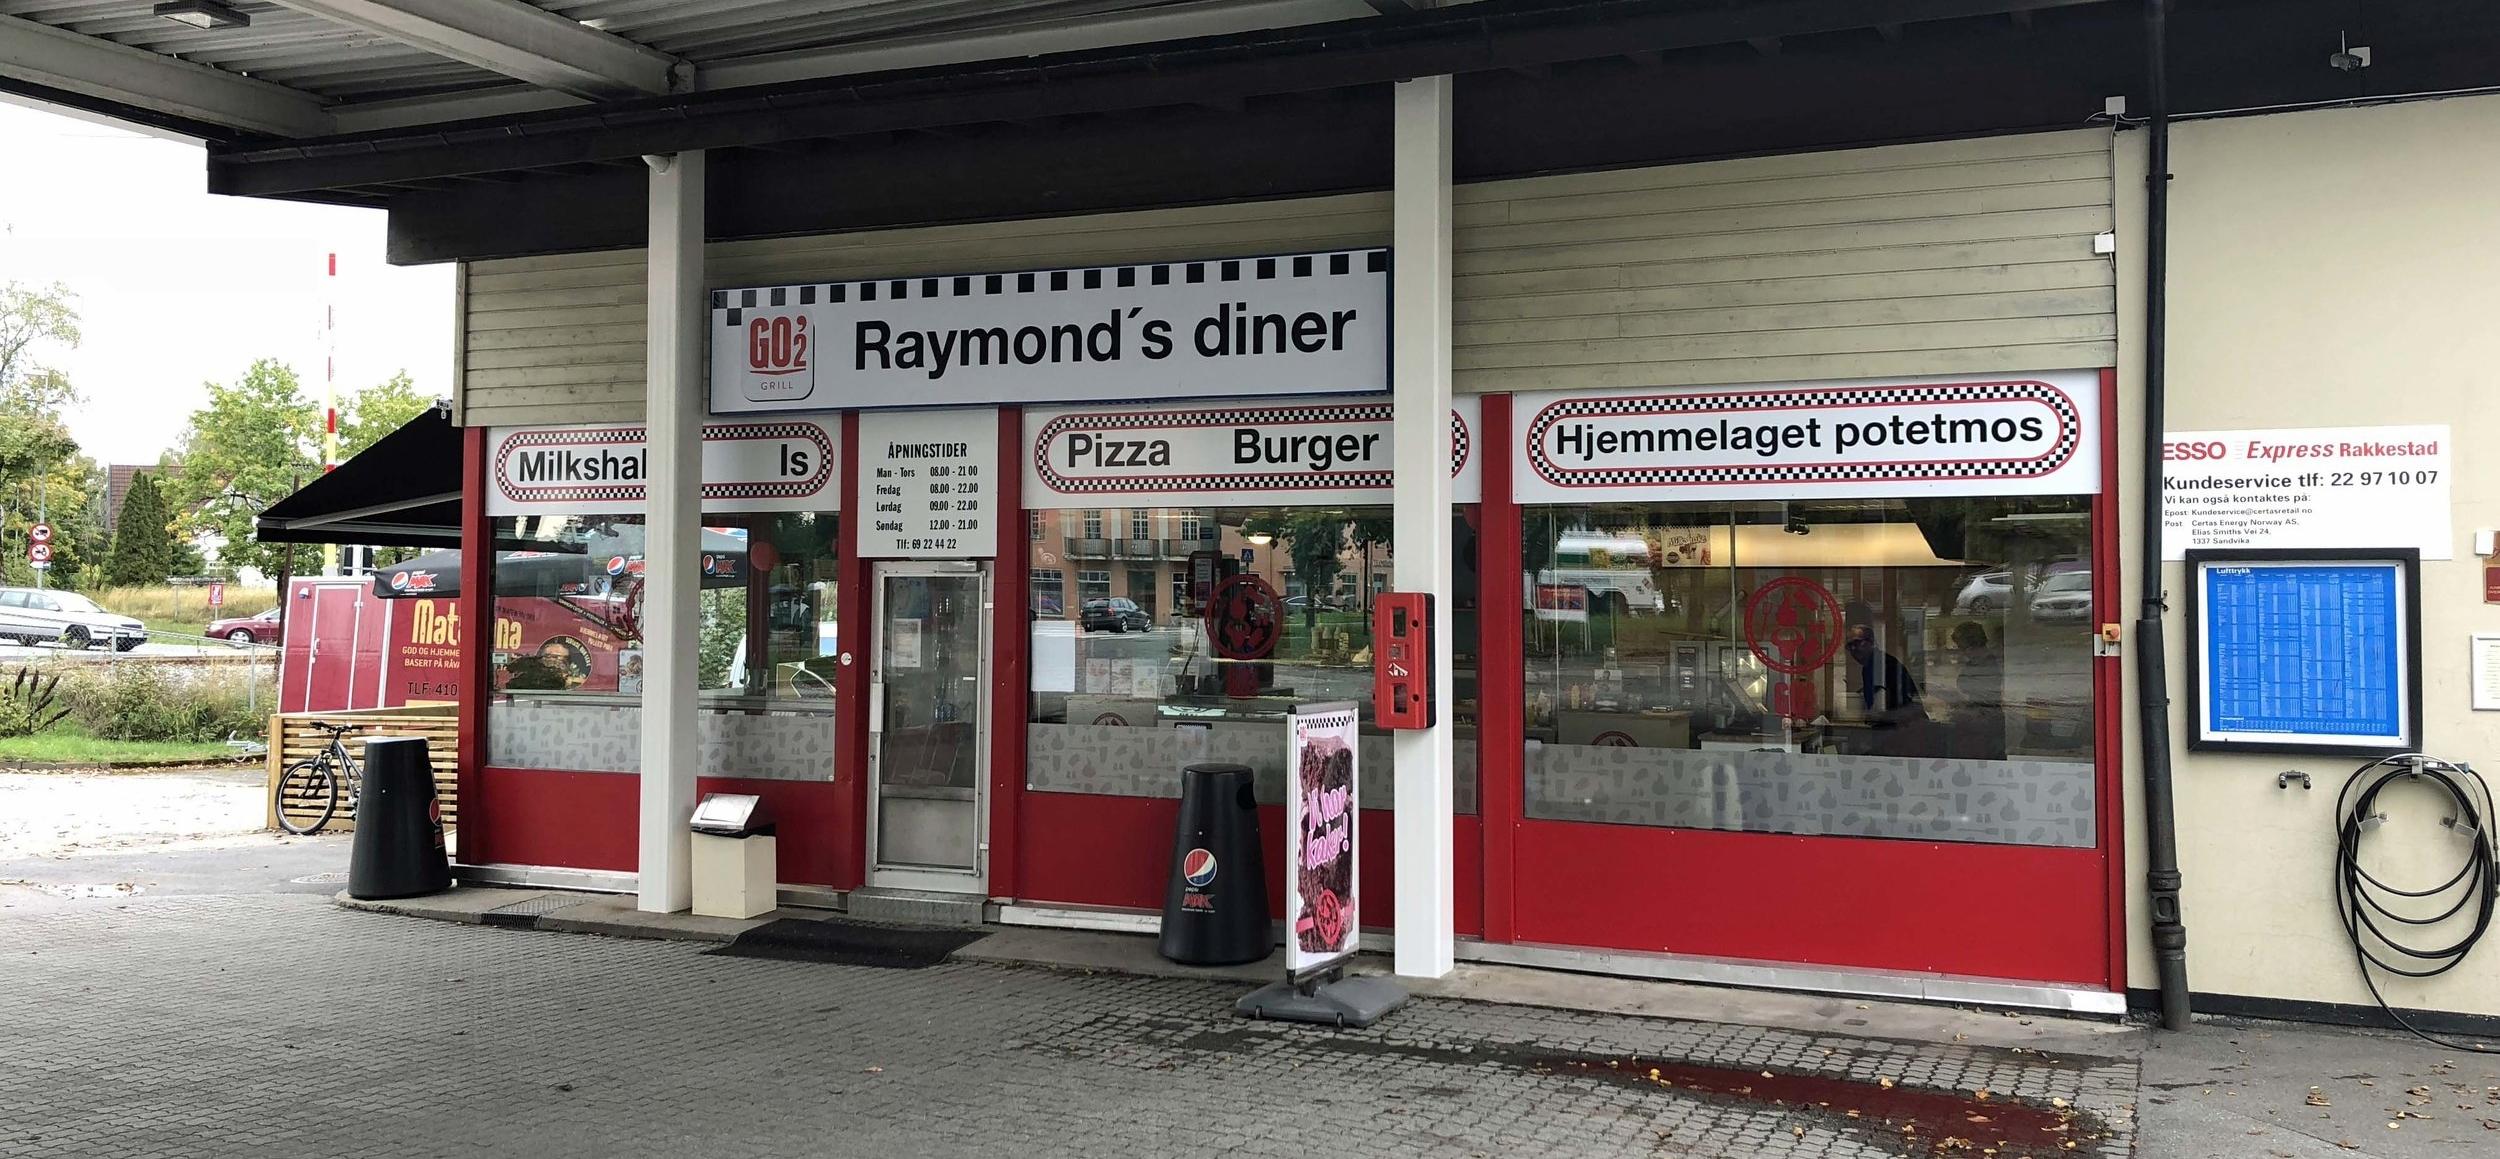 Raymond's Diner er GO'2 grill-profilert.